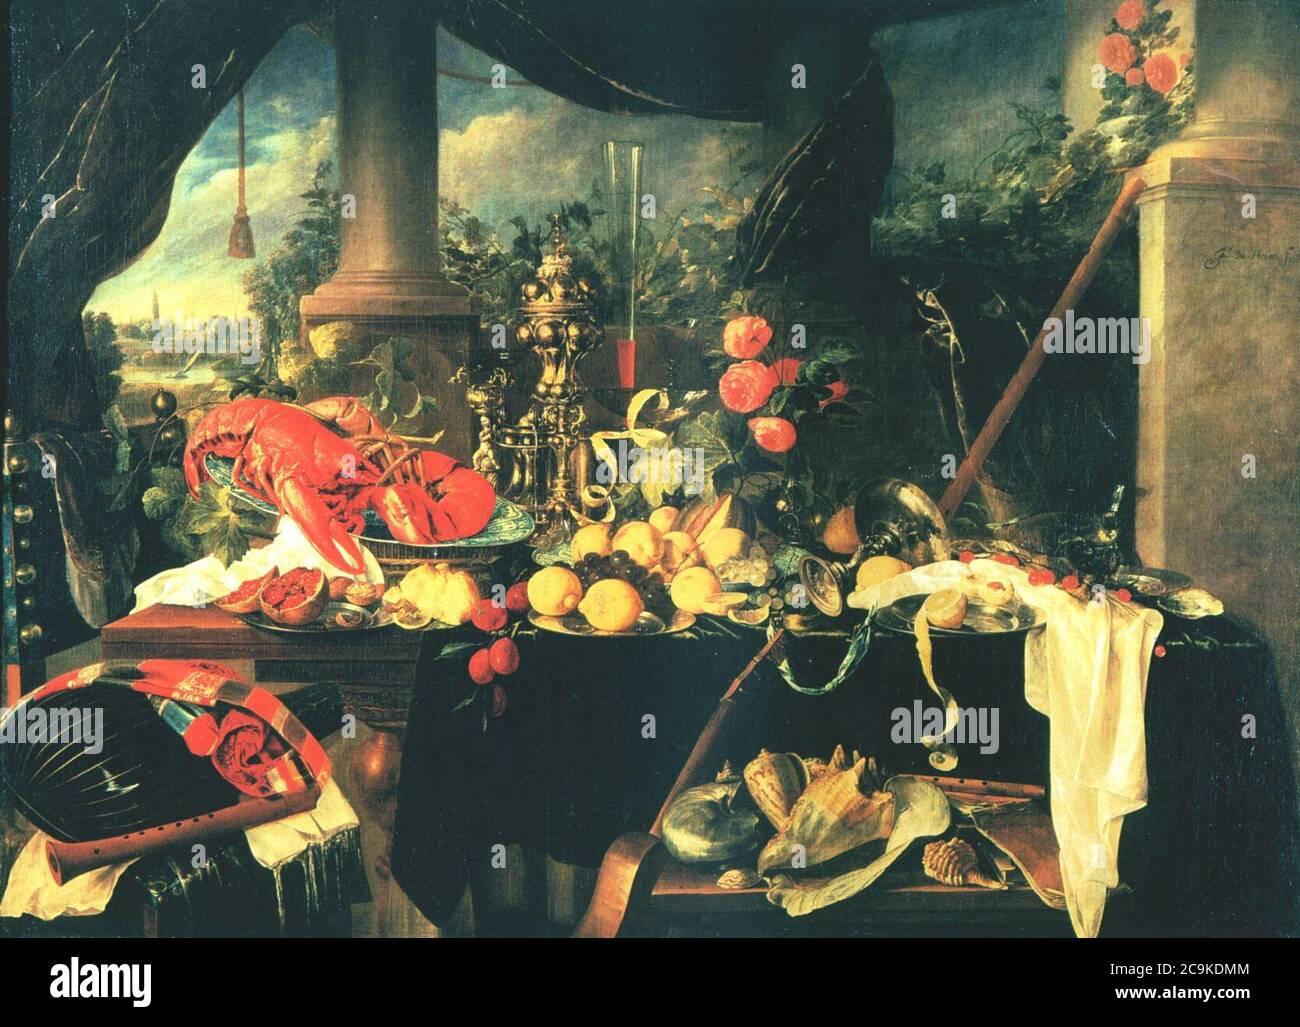 Jan-Davidsz-de-Heem-006. Foto de stock